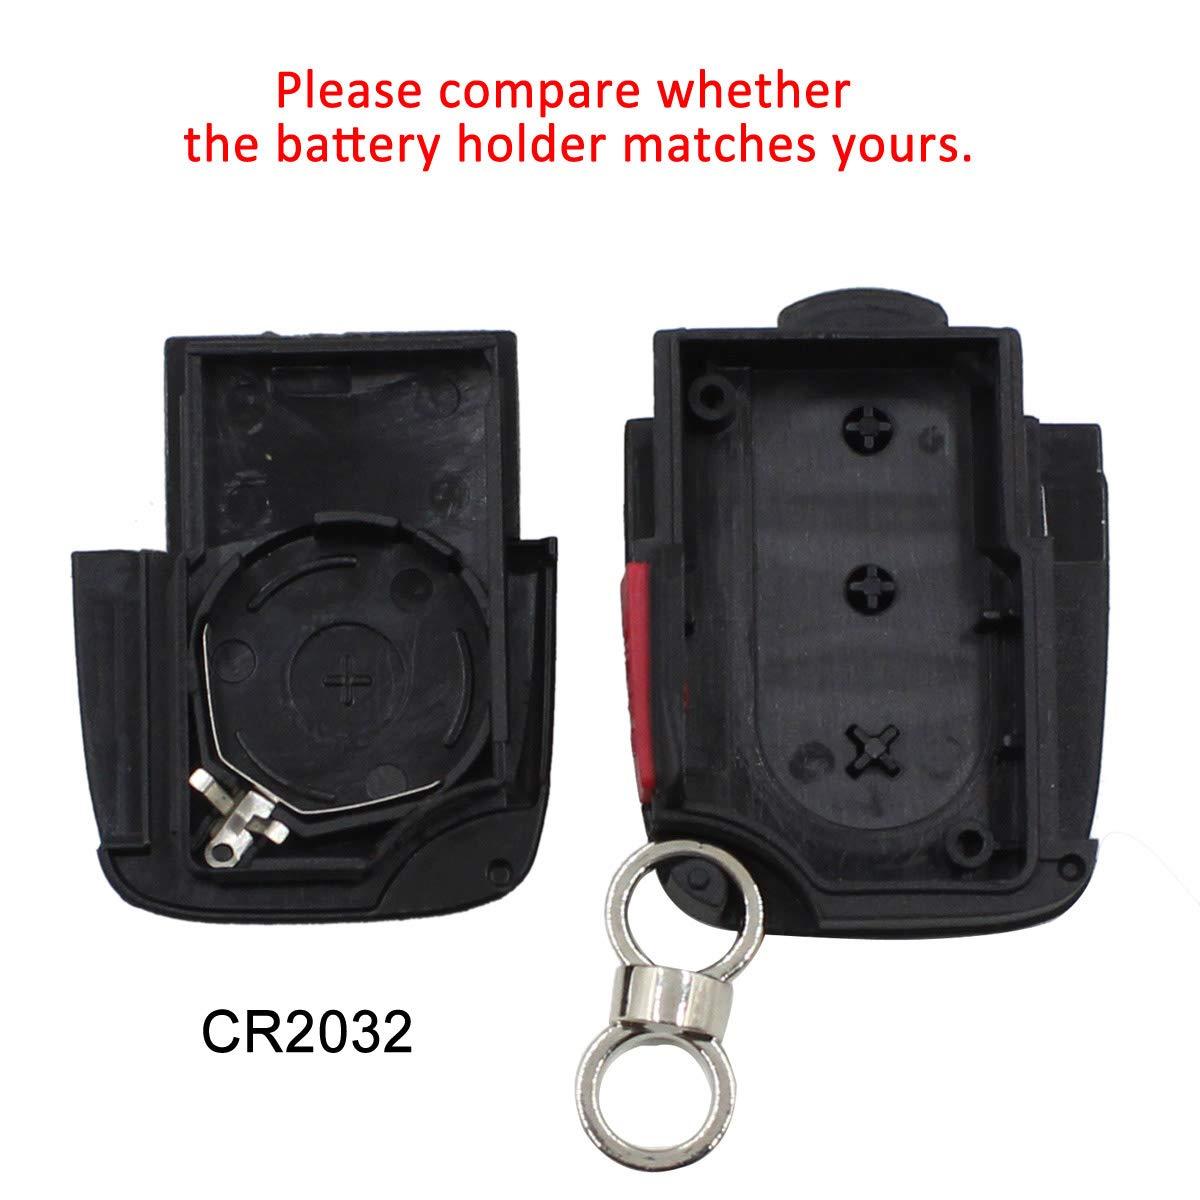 Amazon.com: Cuchilla plegable para llave de coche con diseño ...